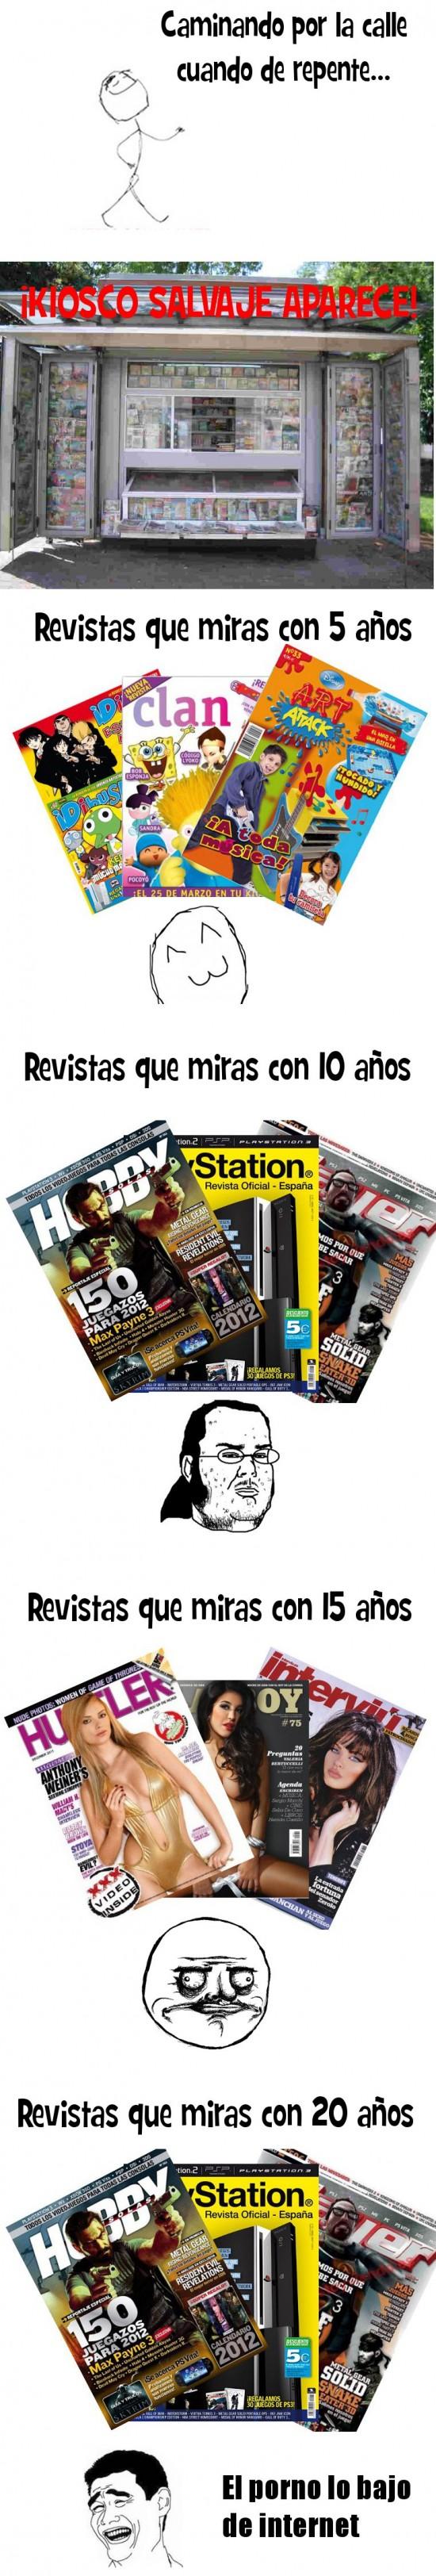 Yao - Las revistas de mi vida